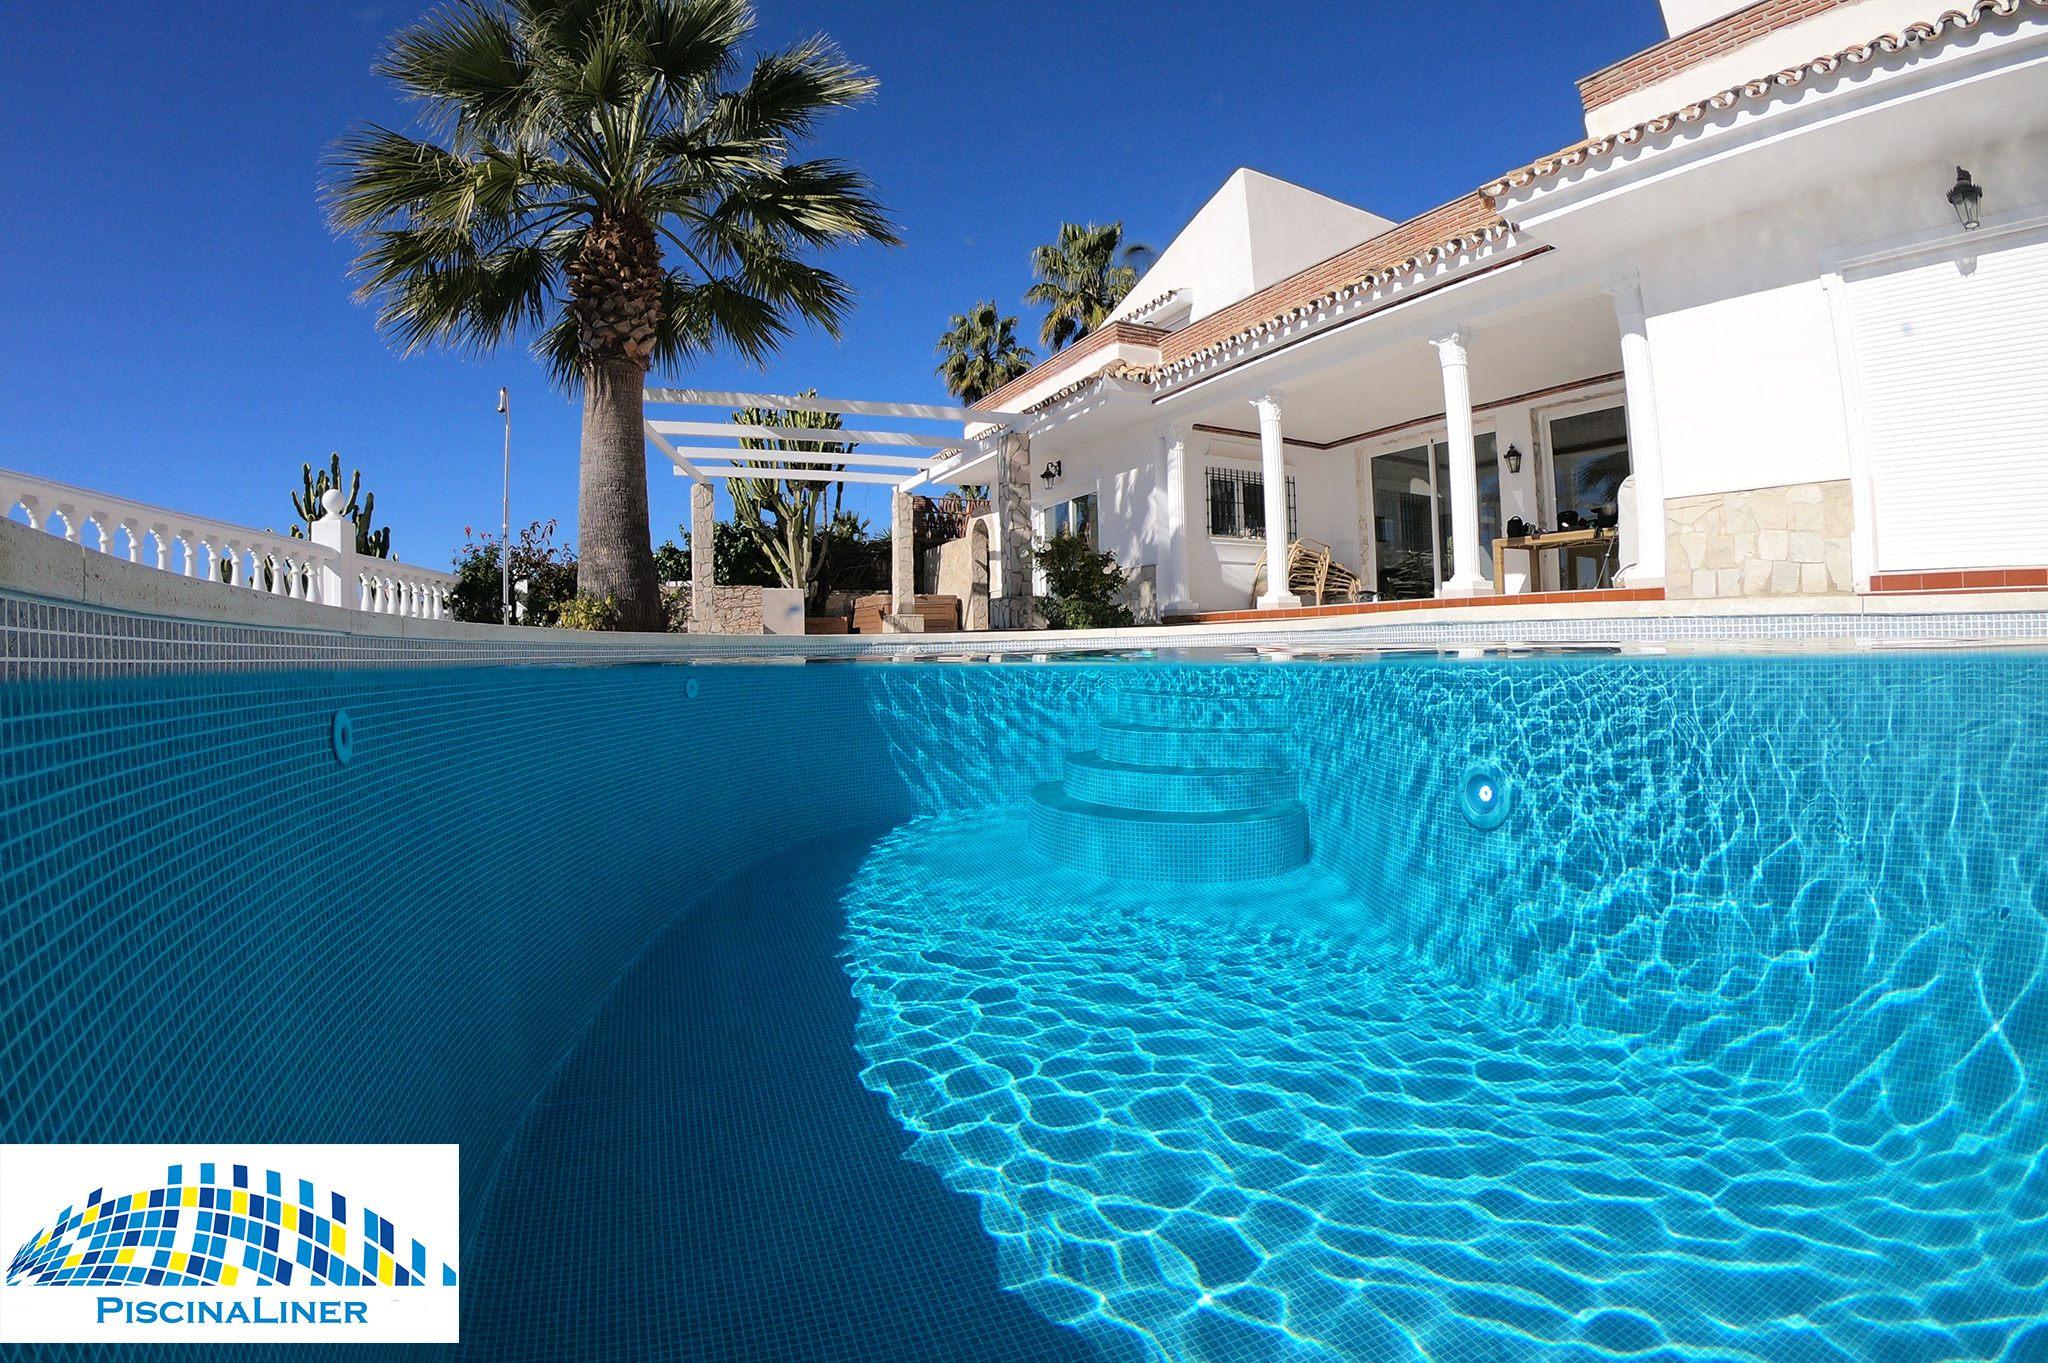 Swimming pool refurbishment Mijas - Piscinaliner.com